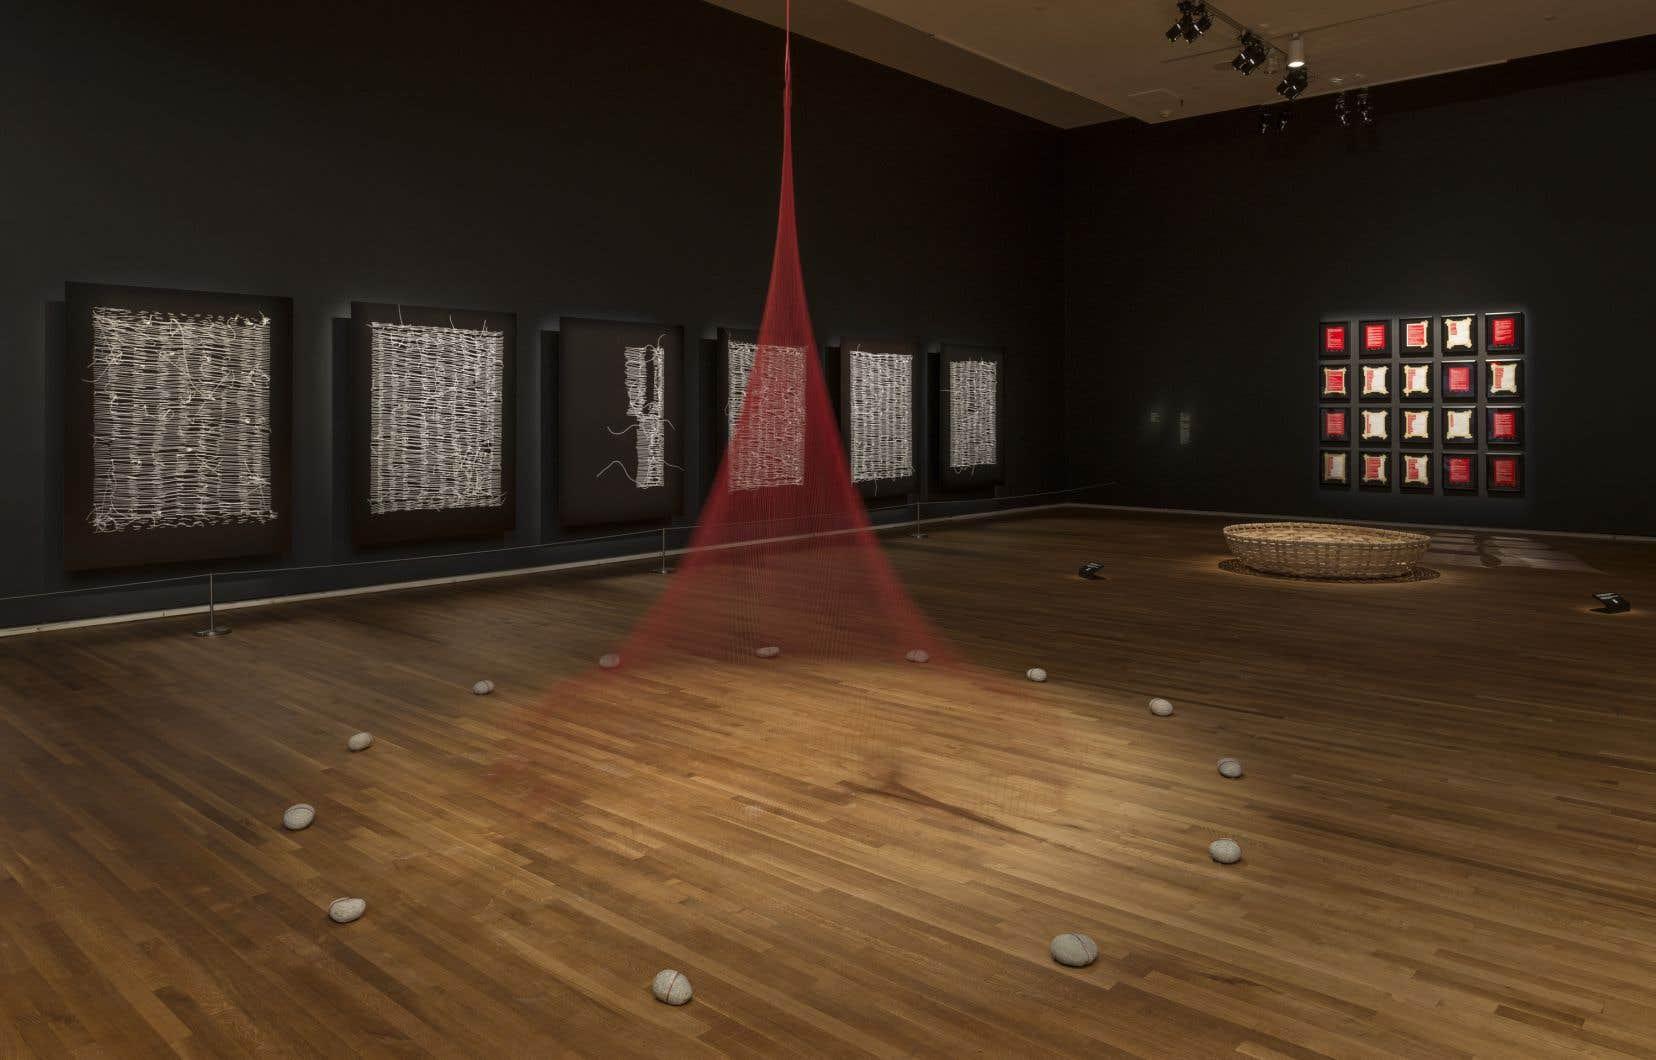 Dans l'exposition «Tout ce qui reste – Scattered Remains», plusieurs œuvres de l'artiste d'origine algonquine Nadia Myre propose une nouvelle compréhension de l'histoire telle qu'elle est rapportée dans les faits, souligne l'auteur.